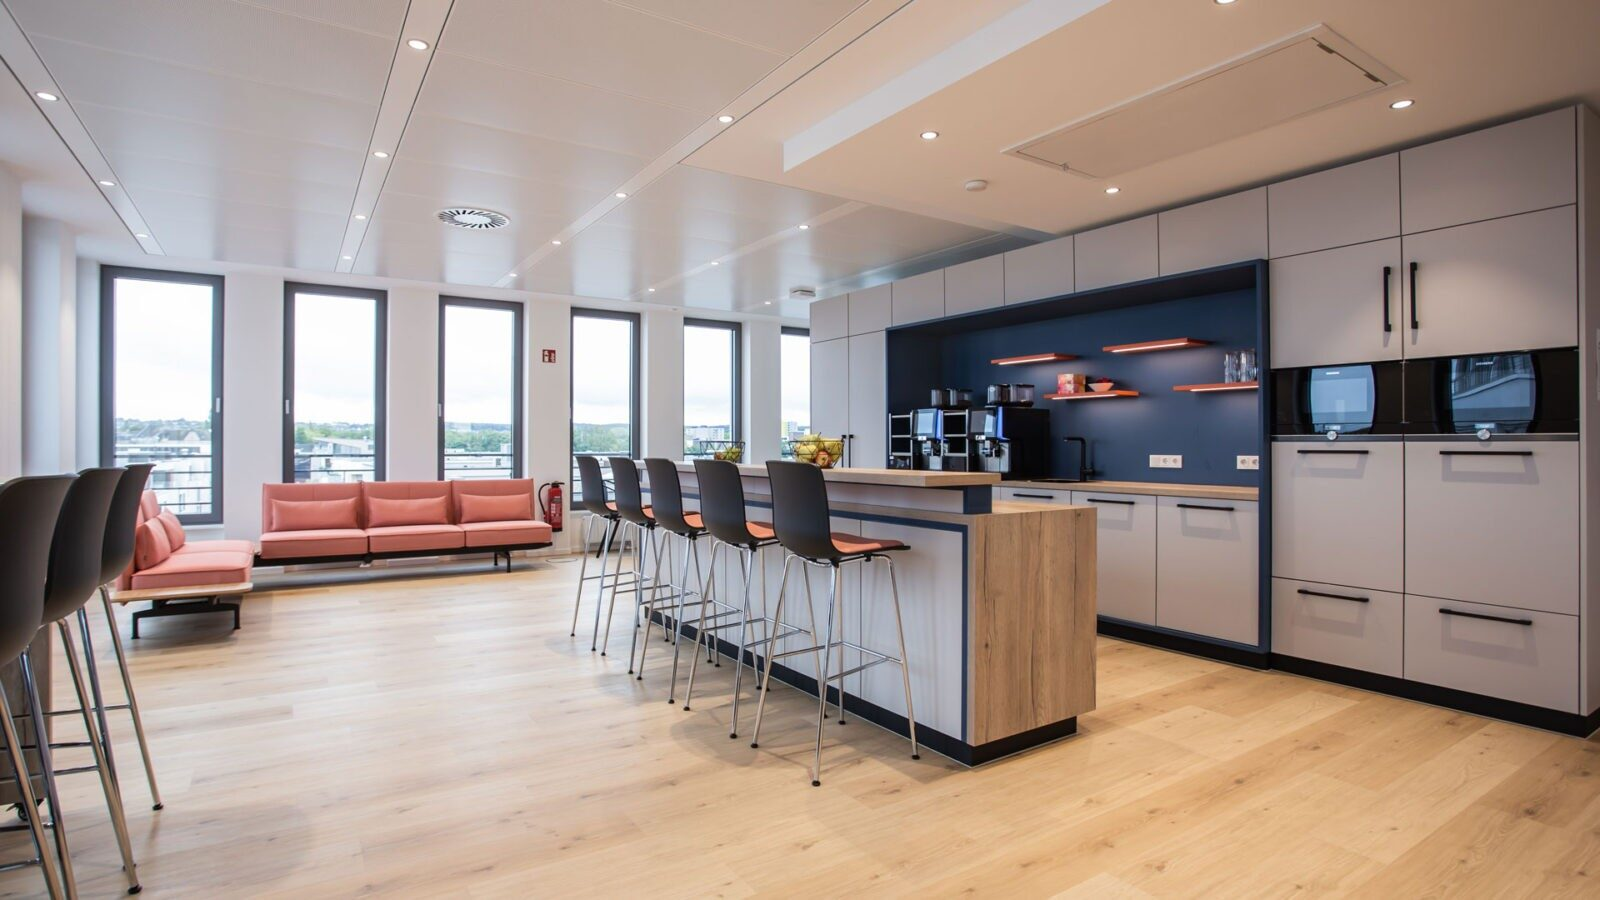 Mitarbeiterbistro: Kantine mit unterschiedlichen Sitzgelegenheiten, die auch zum Arbeiten oder für Besprechungen genutzt werden können.